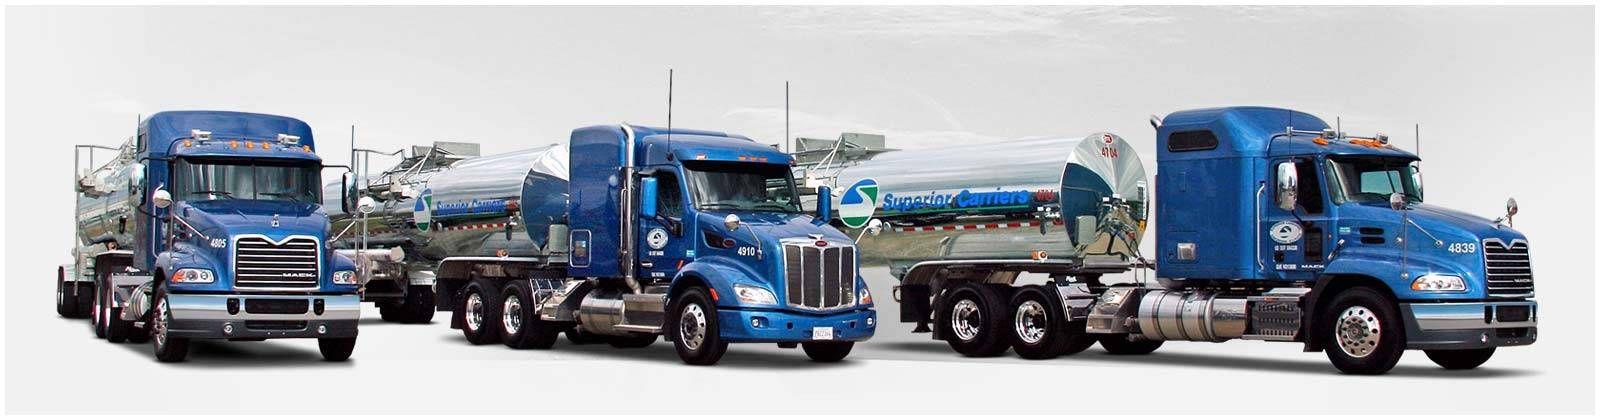 cdl truck rental texas